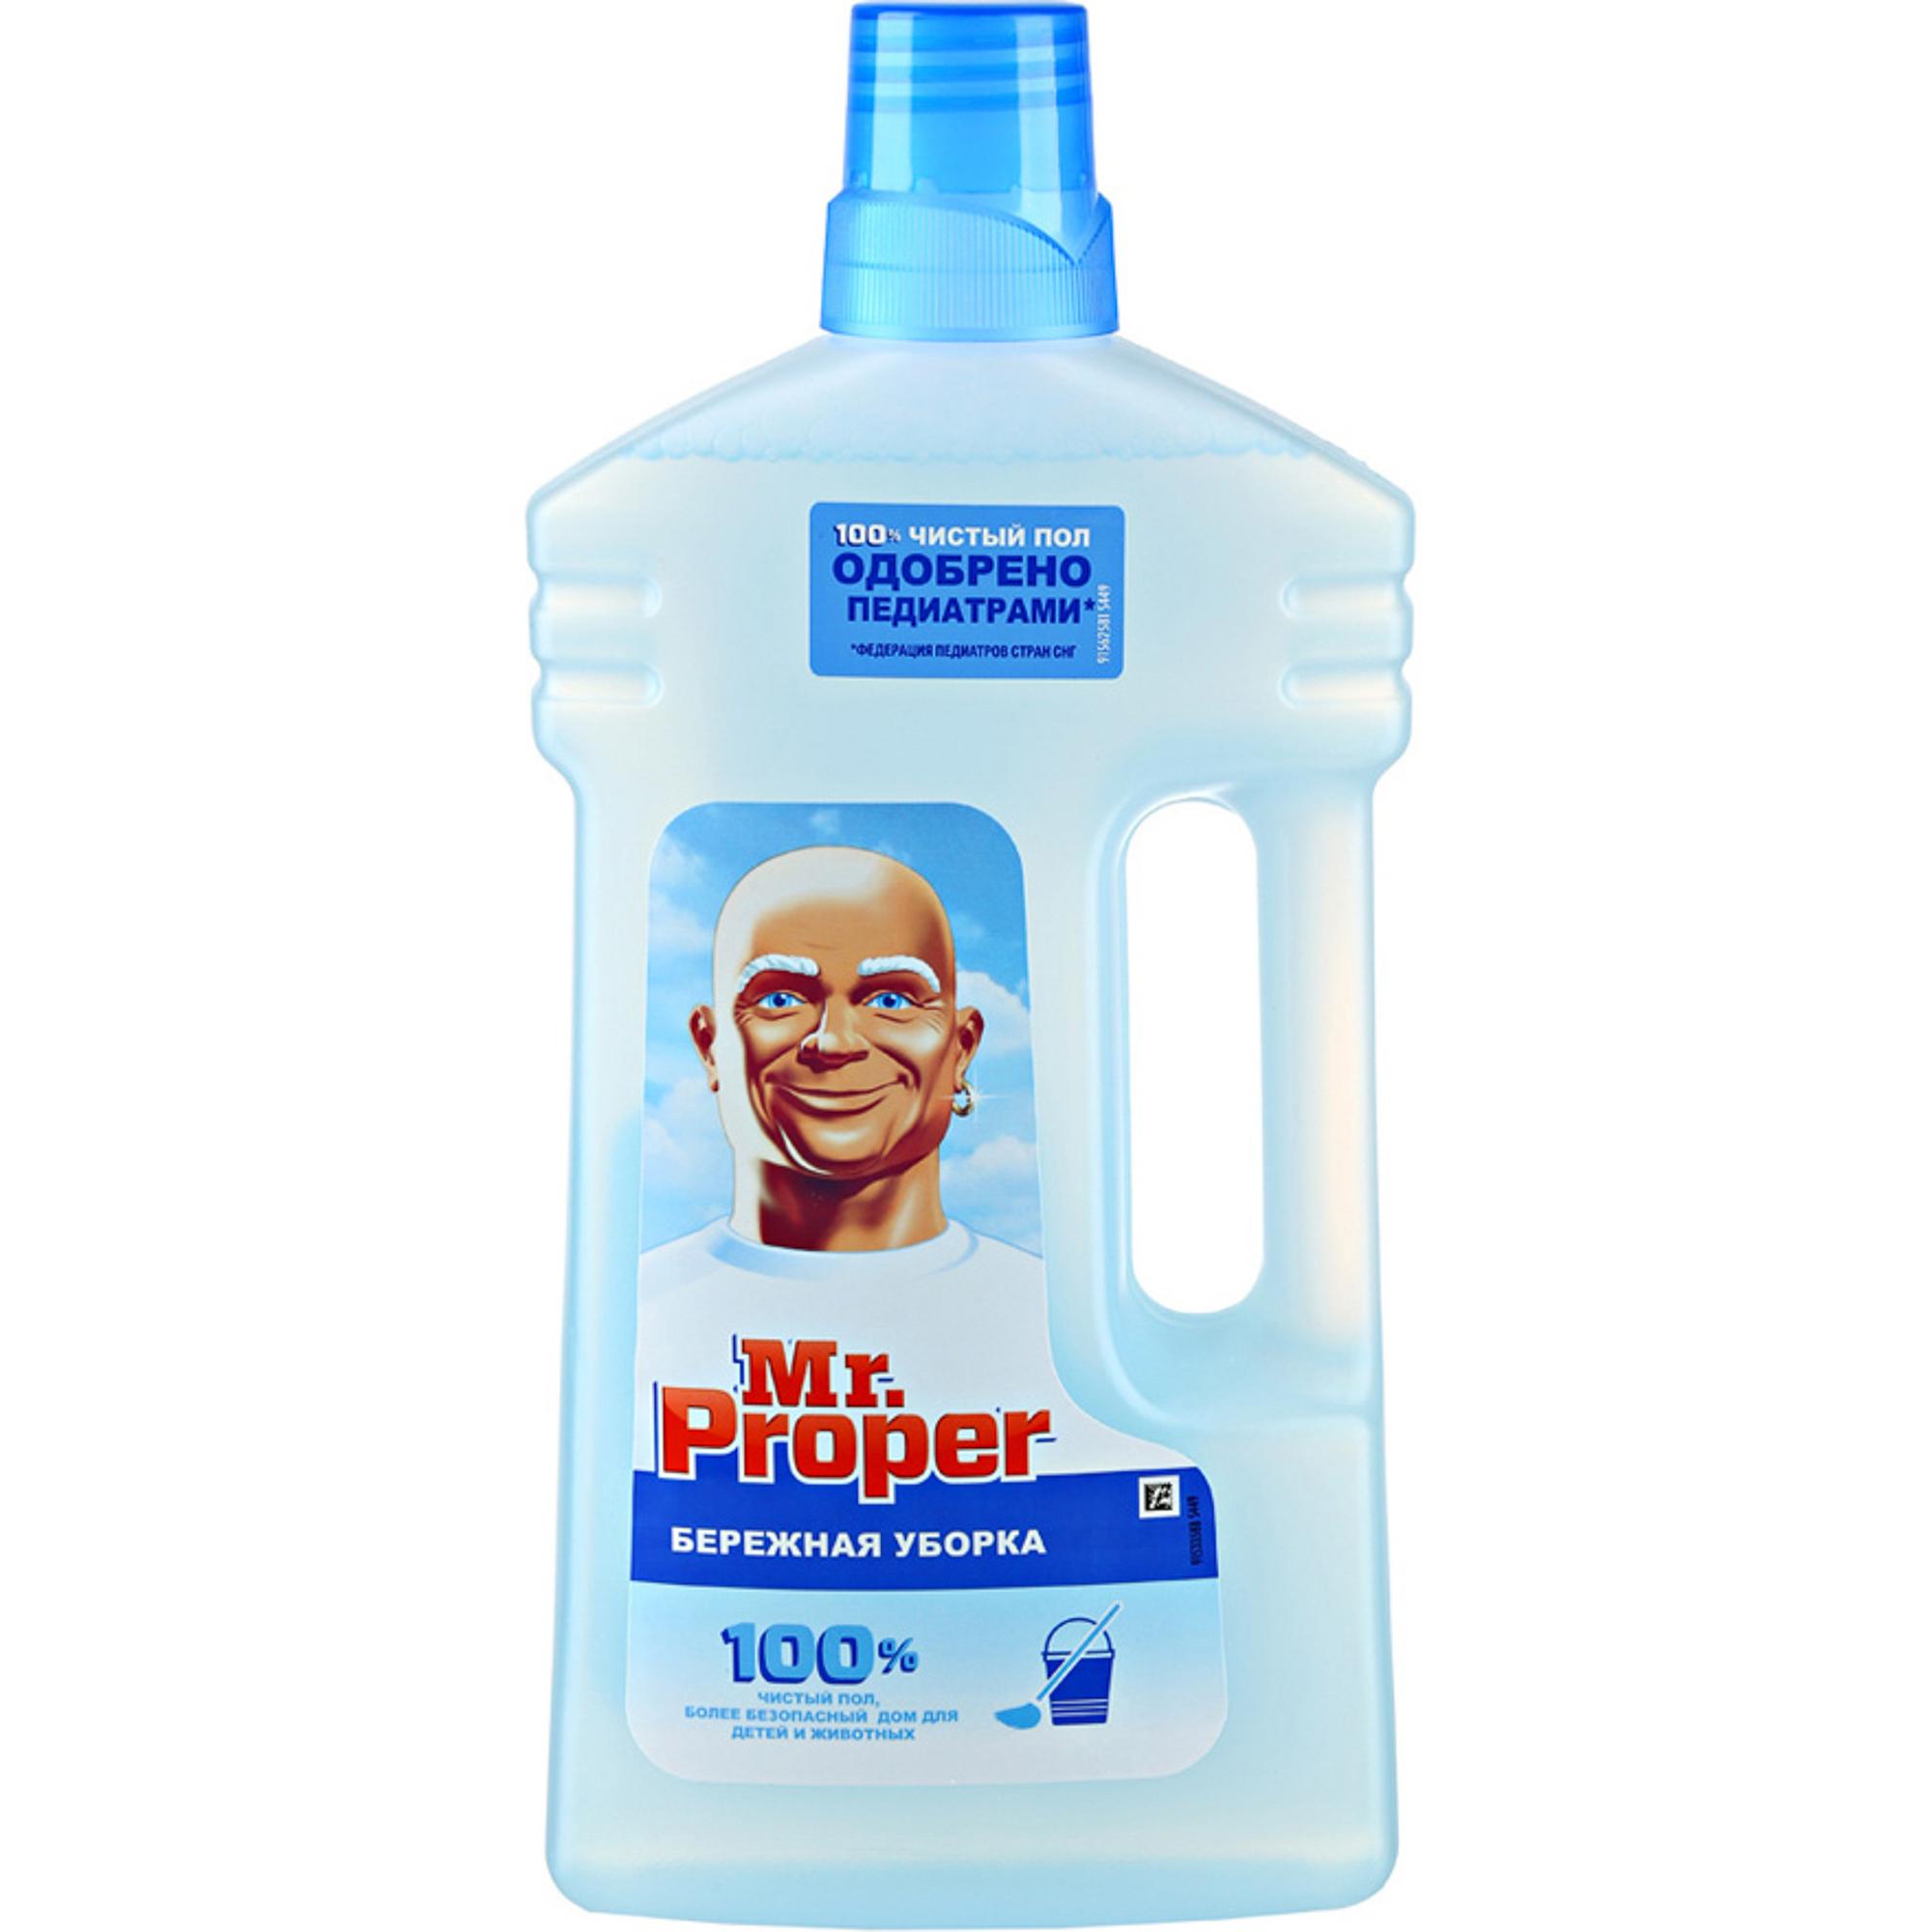 Купить Моющая жидкость для полов и стен Mr. Proper Бережная уборка 1 л, моющее средство, Италия